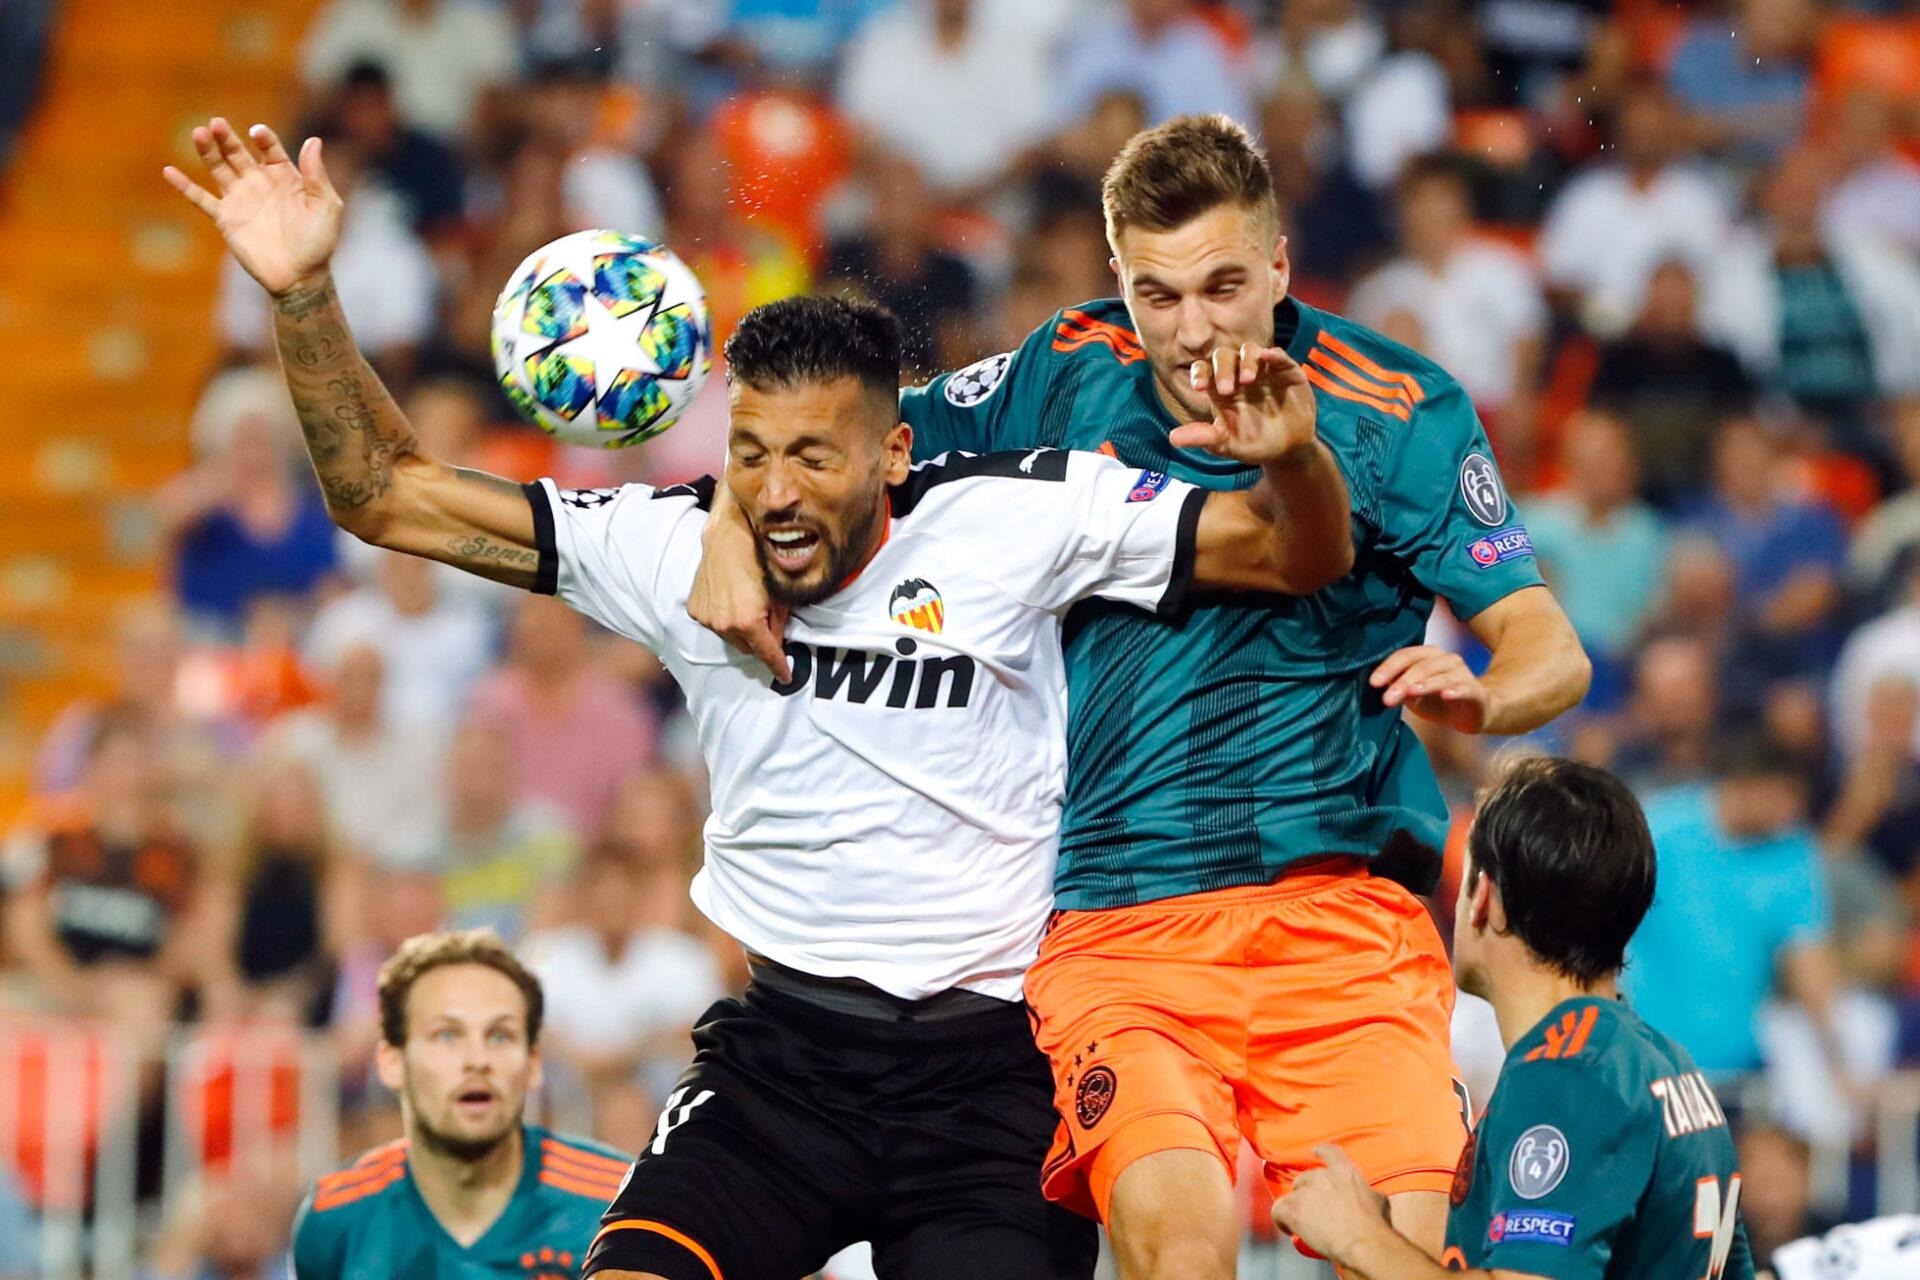 Ezequiel Garay évoluait à Valence depuis 2016, mais a rapidement dû jouer sous infiltration à cause de son arthrose au genou. Icon Sport